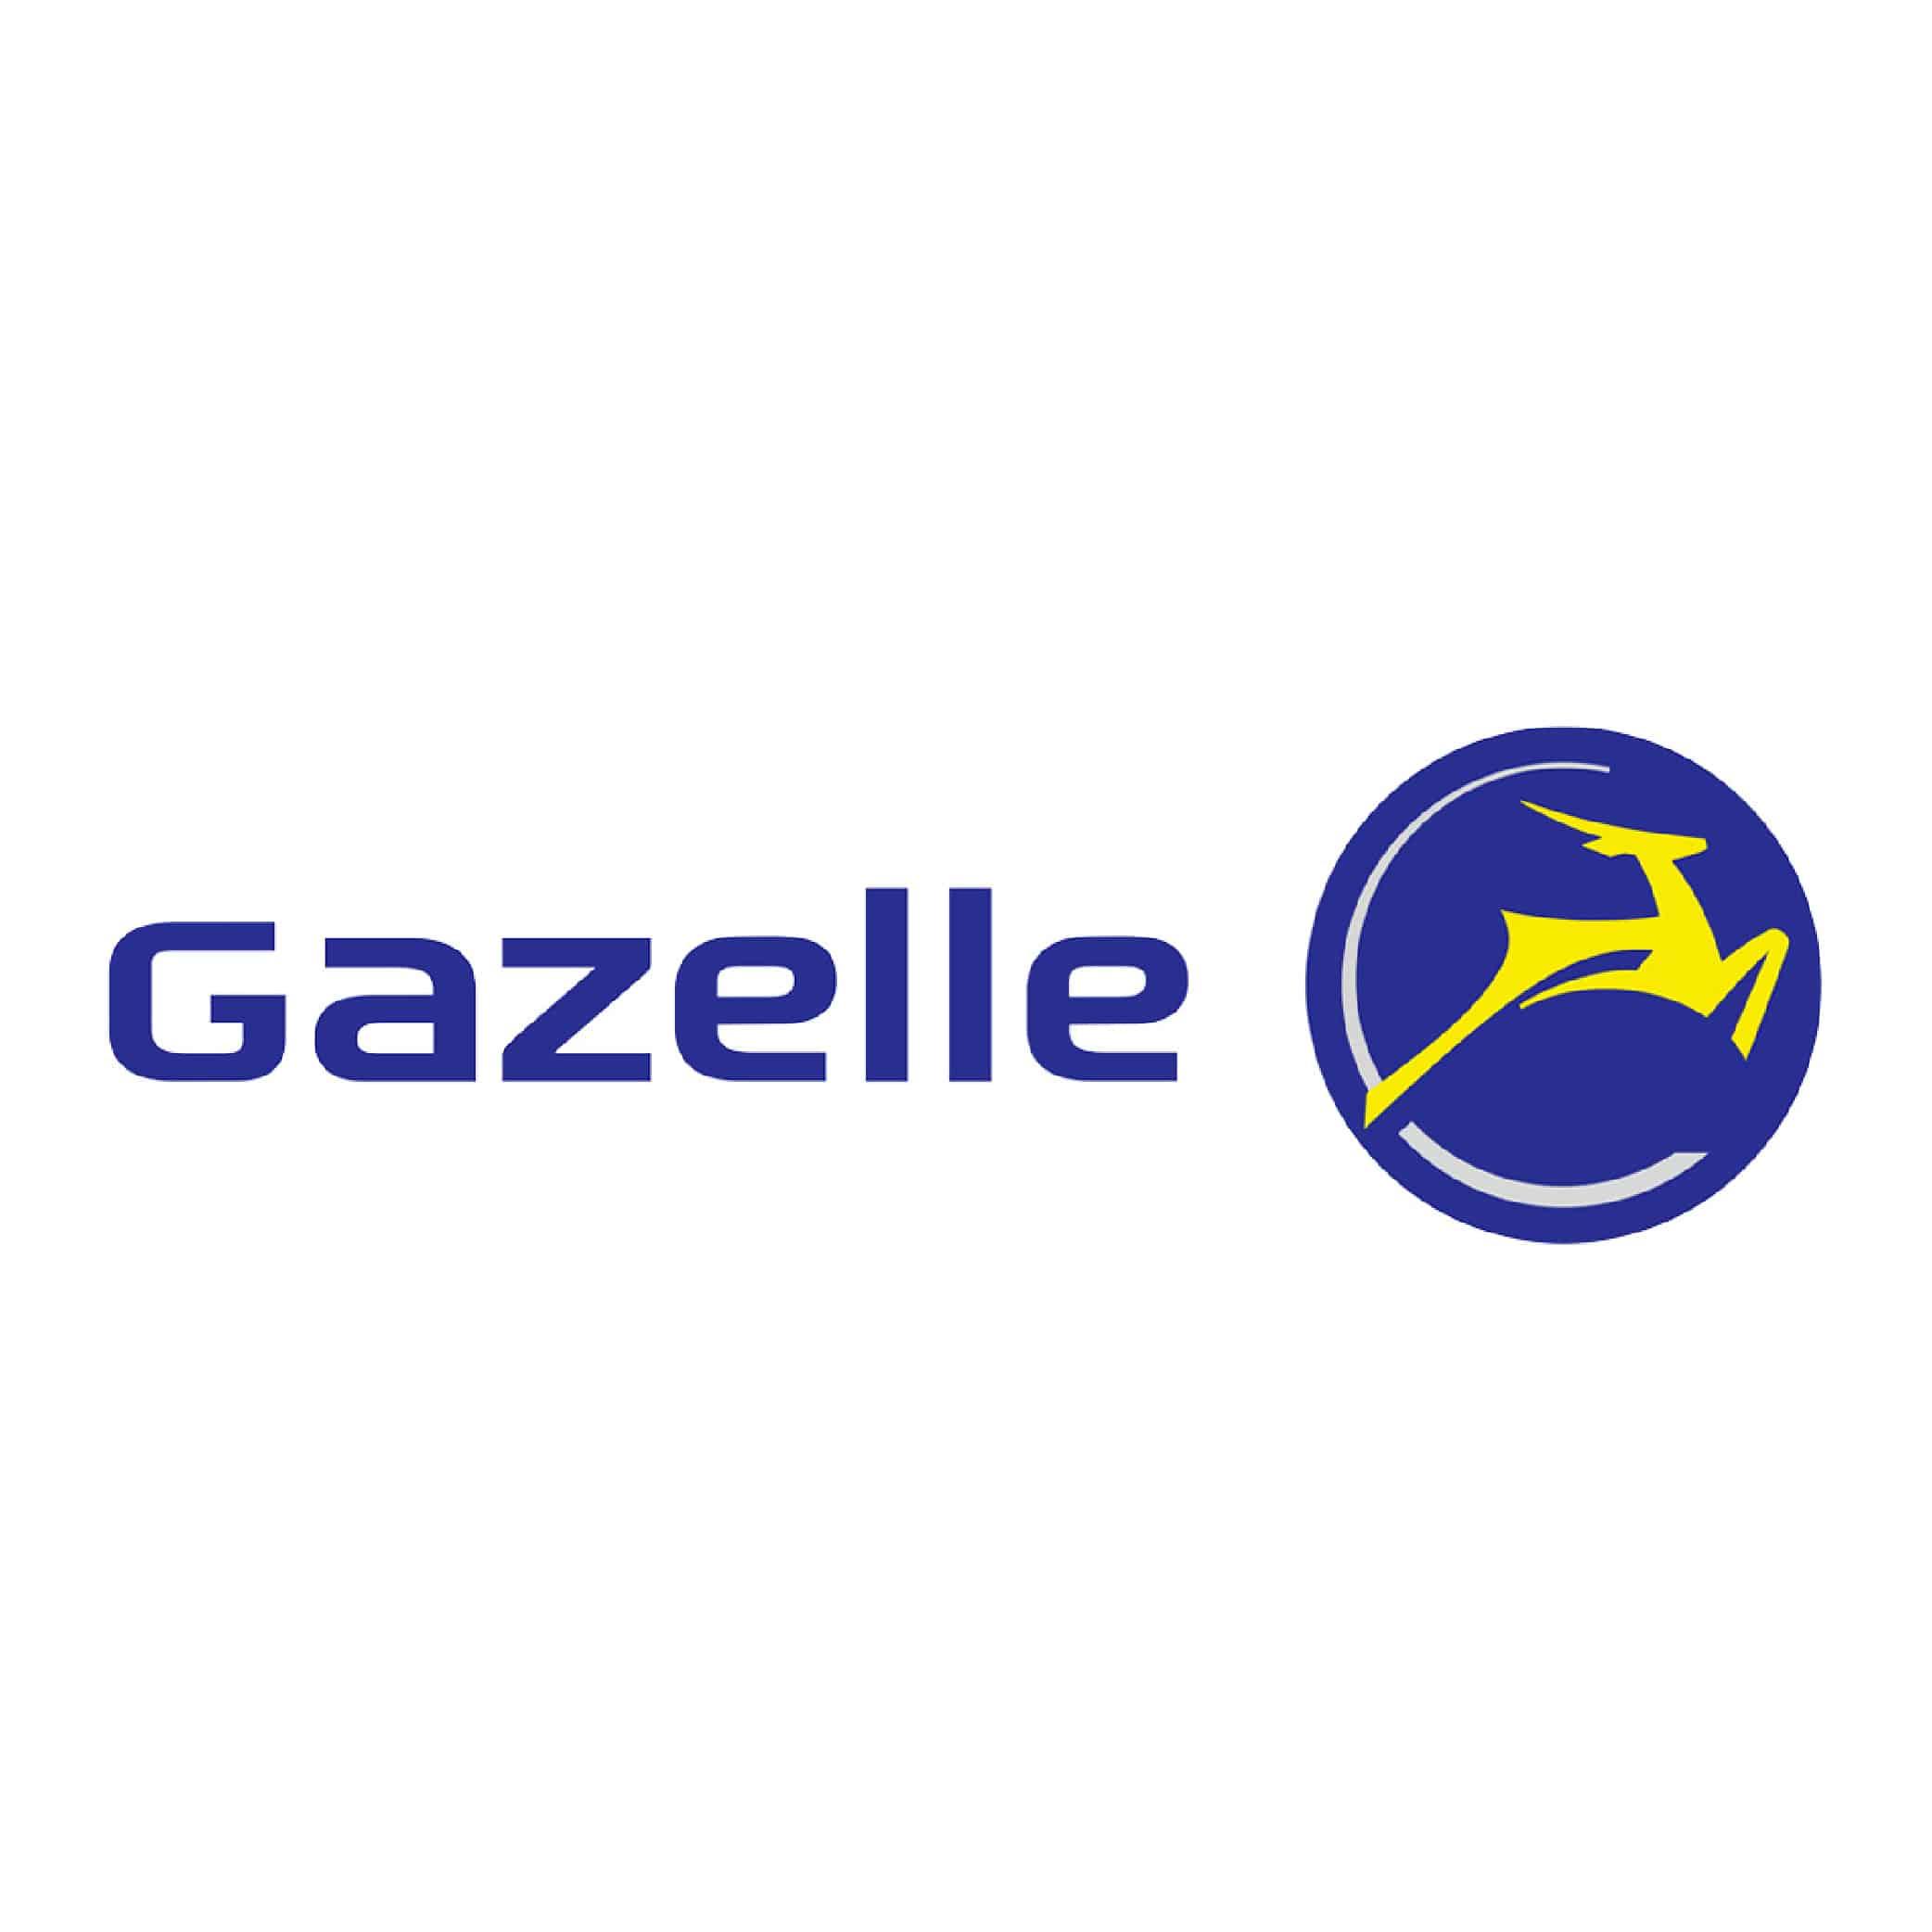 gazelle-fietskar-online-kopen